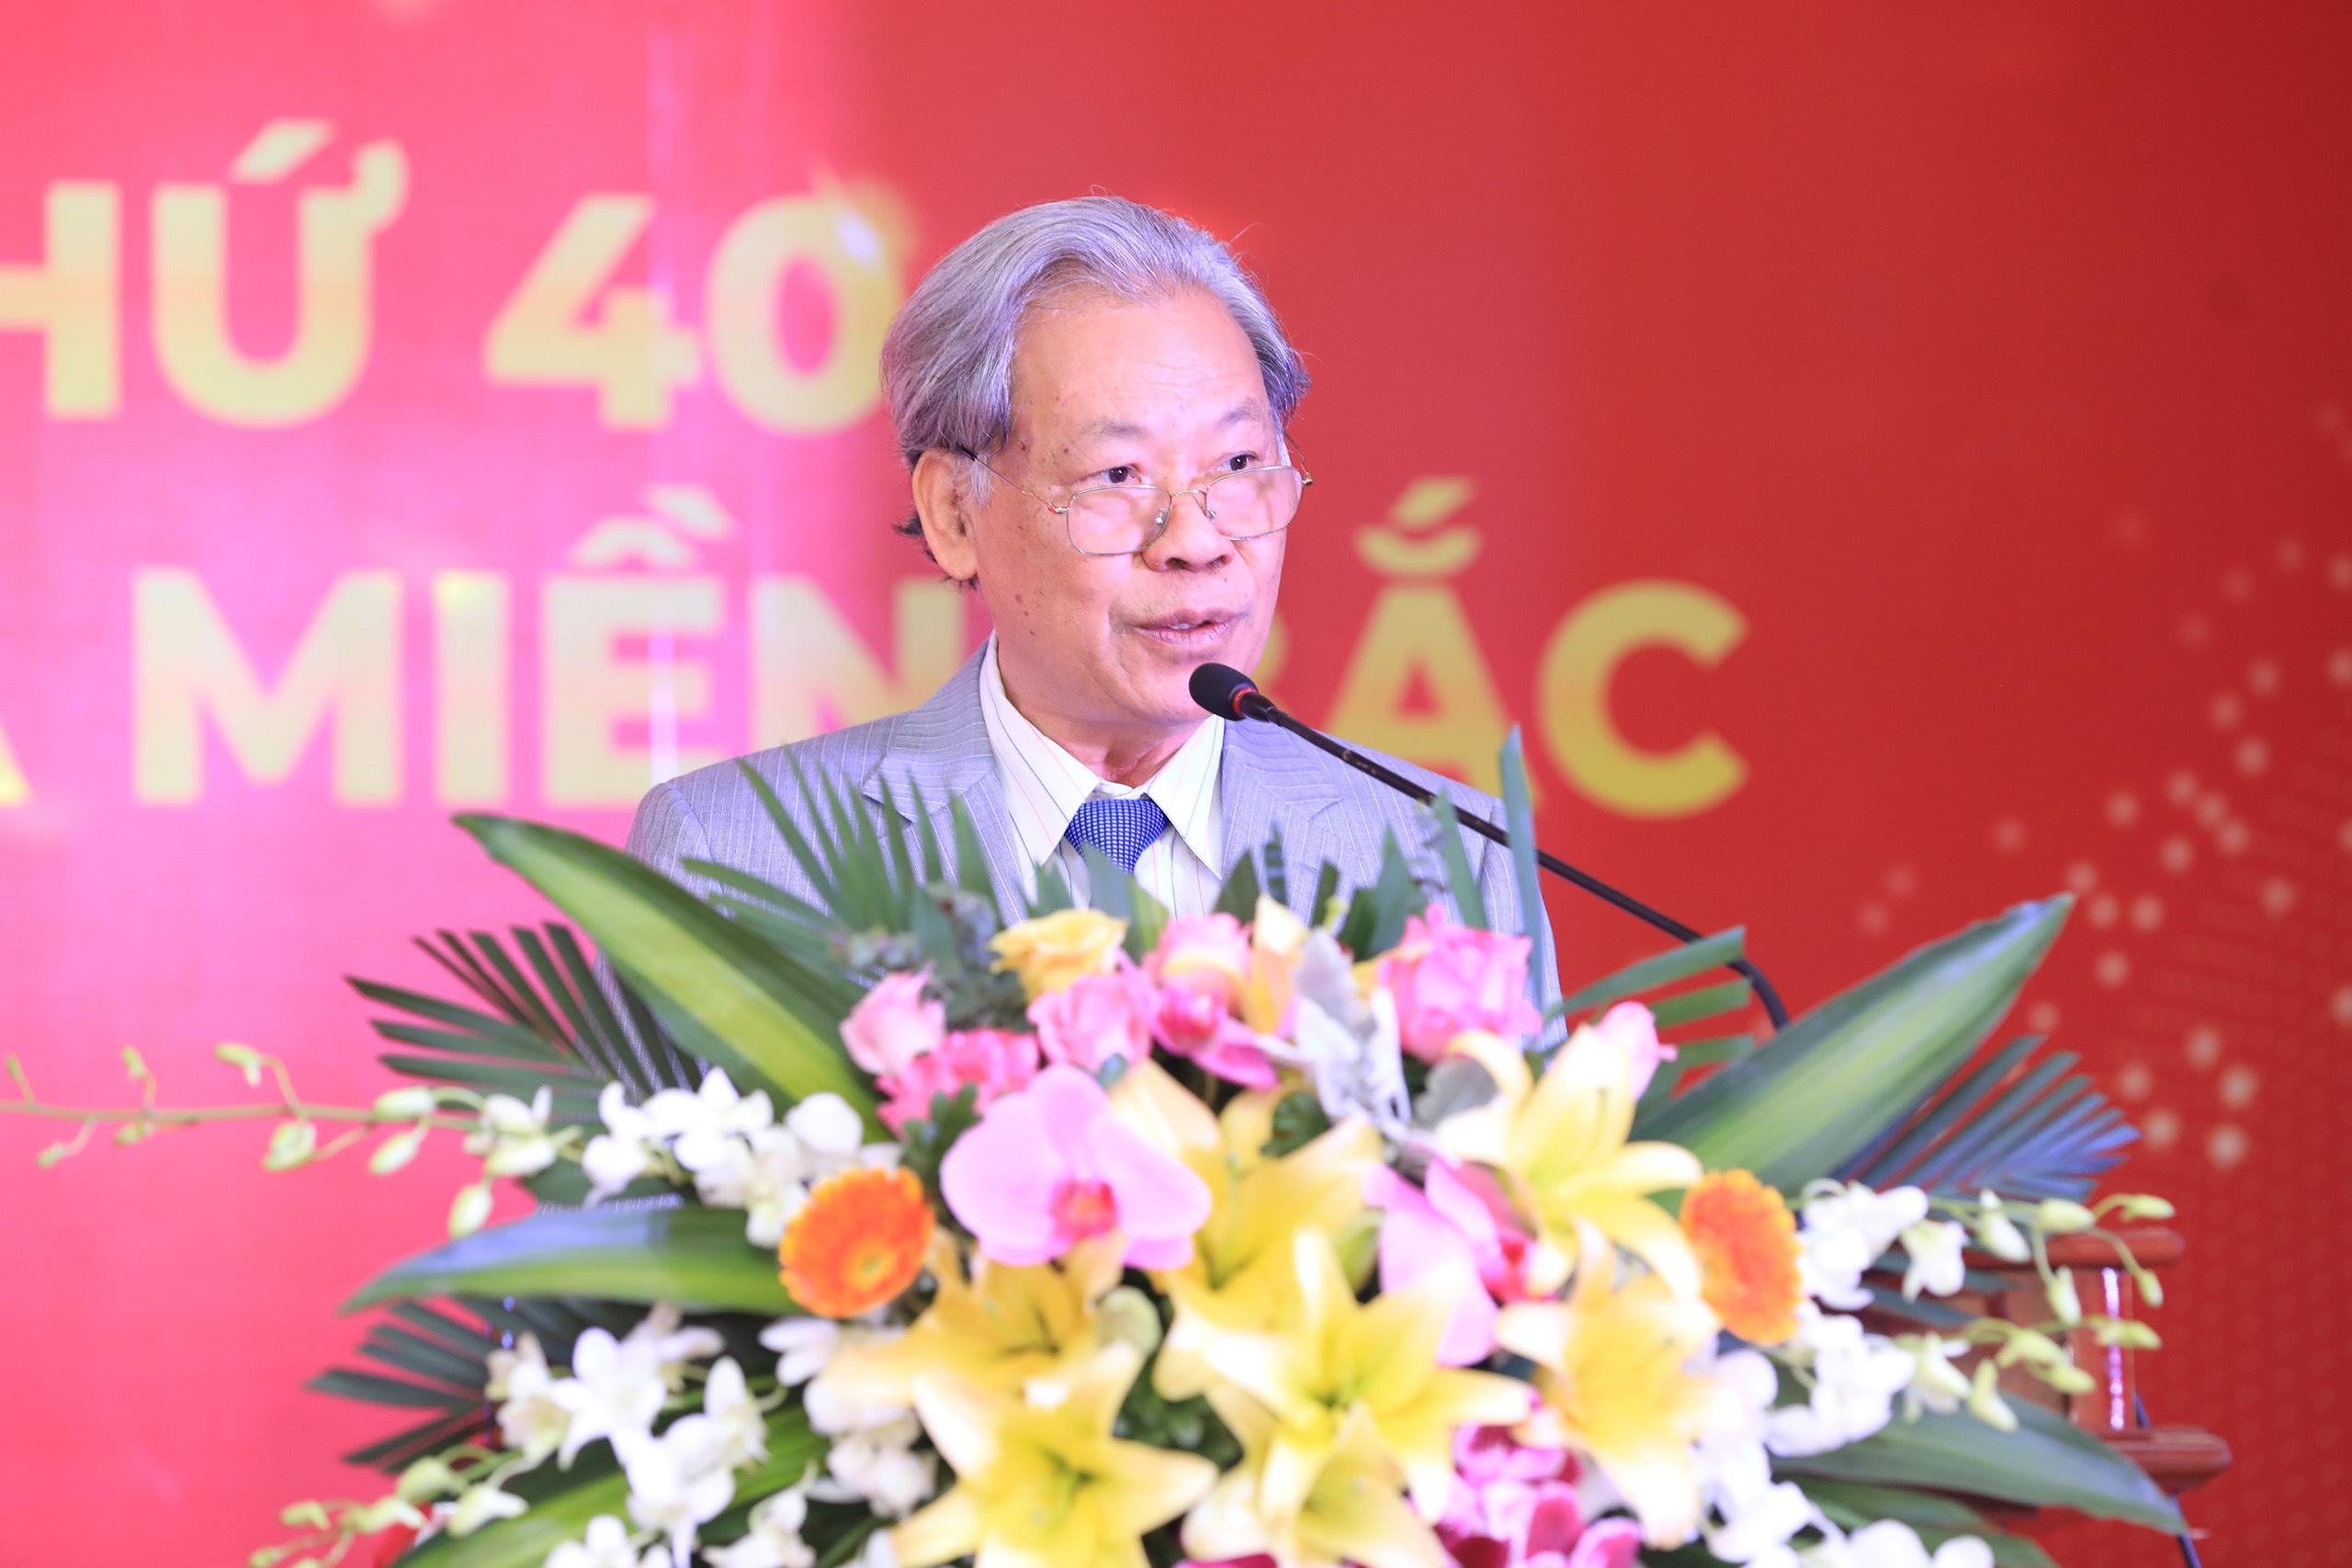 TS. Thang Văn Phúc, chủ tịch TW Hội Kỷ lục Gia Việt Nam phát biểu